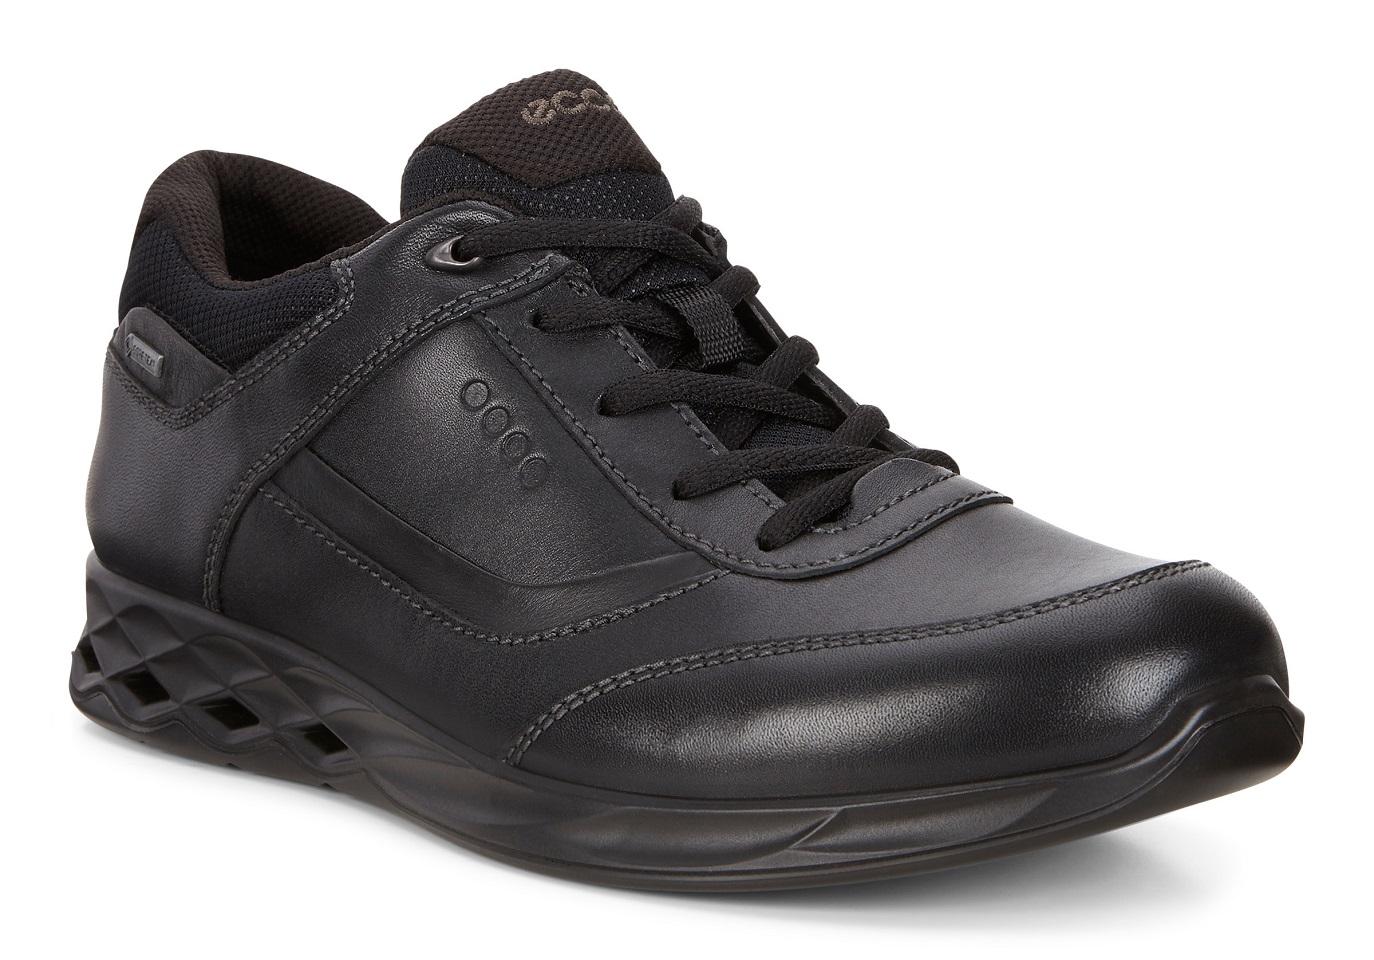 ecco skor västerås